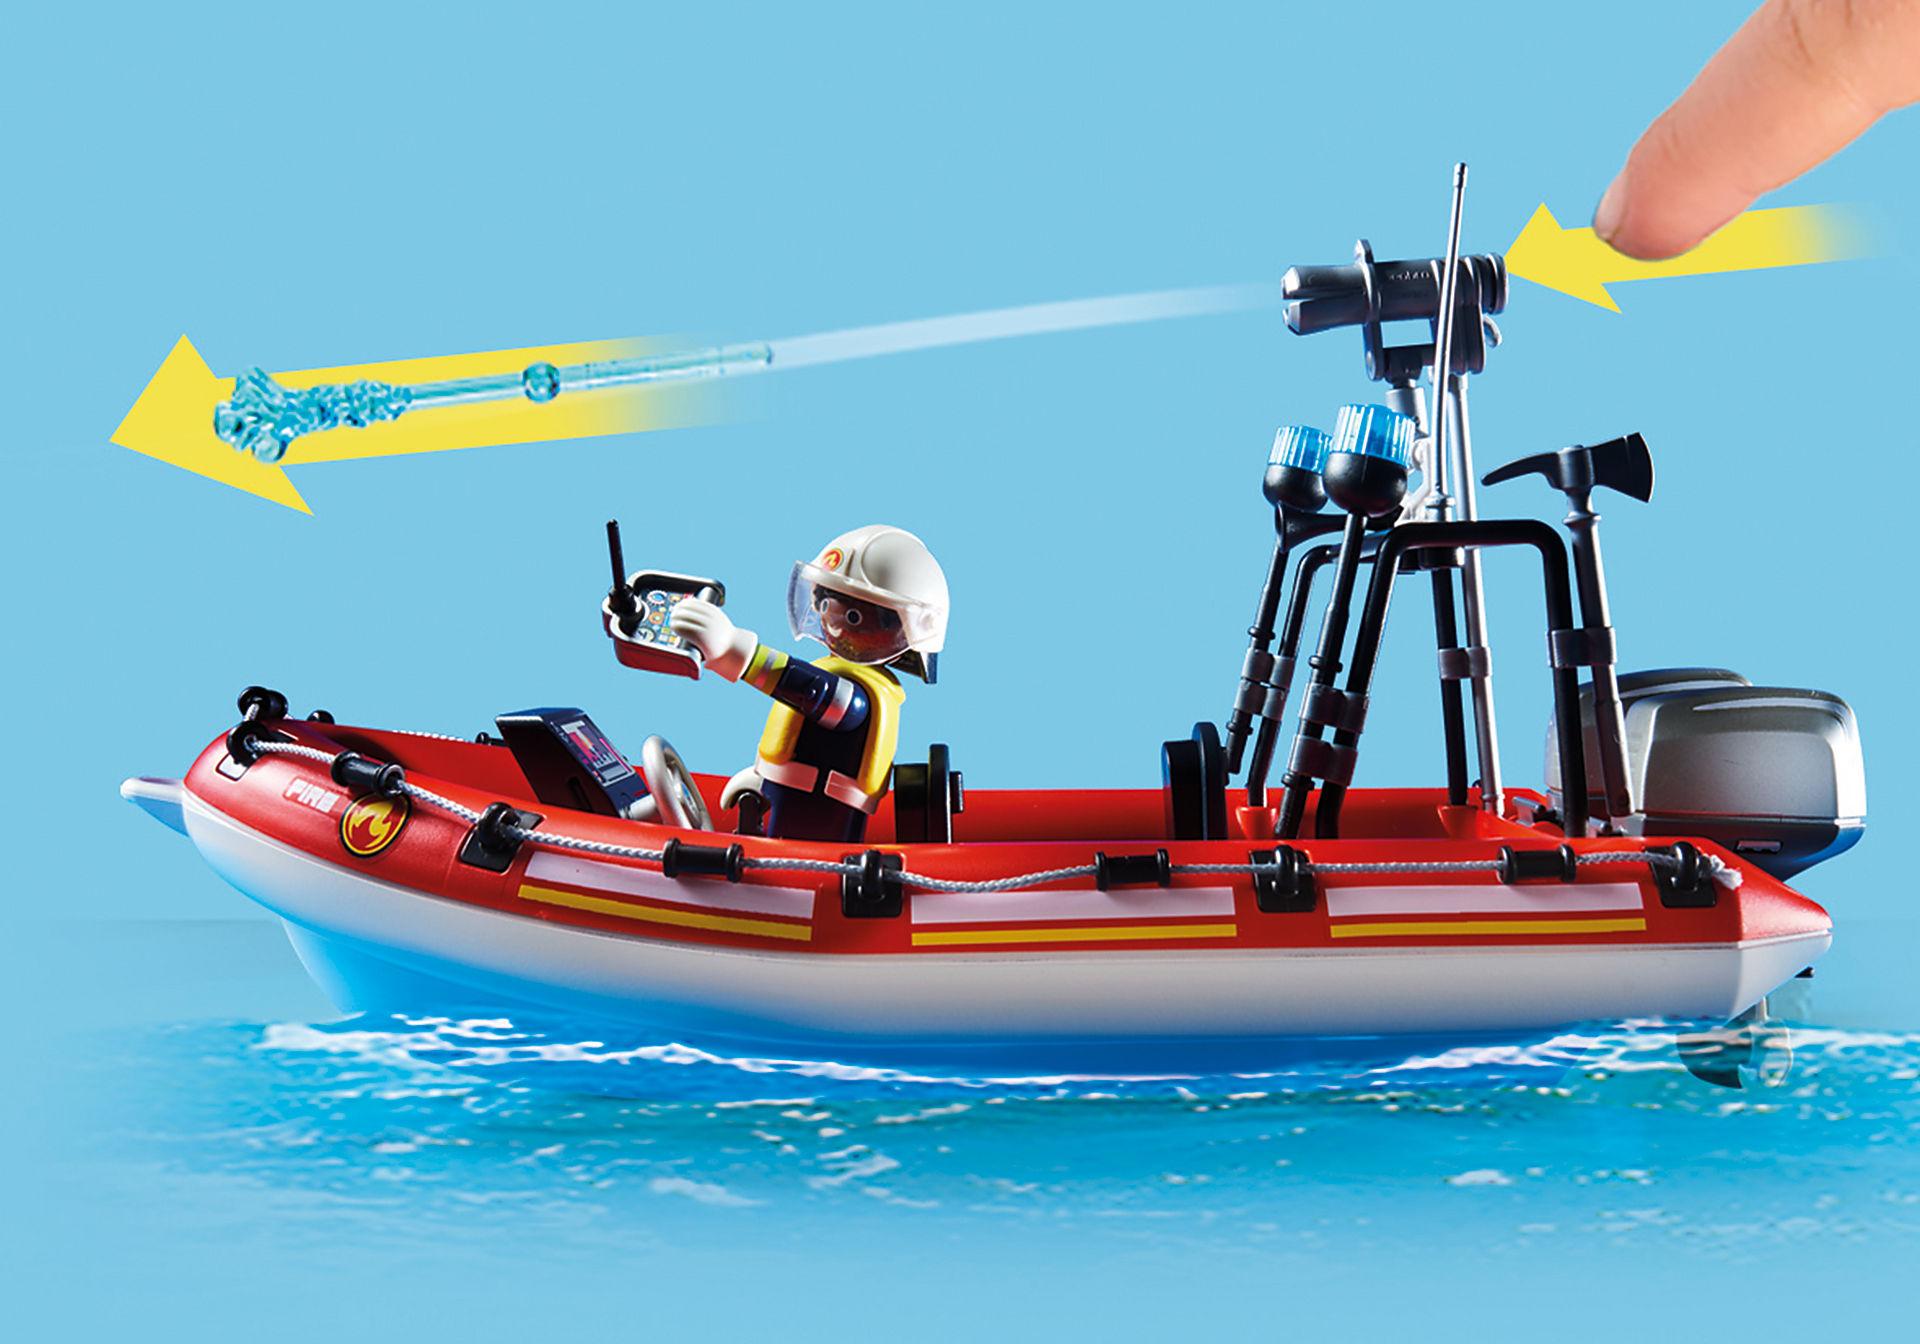 70335 Feuerwehreinsatz mit Heli und Boot zoom image7